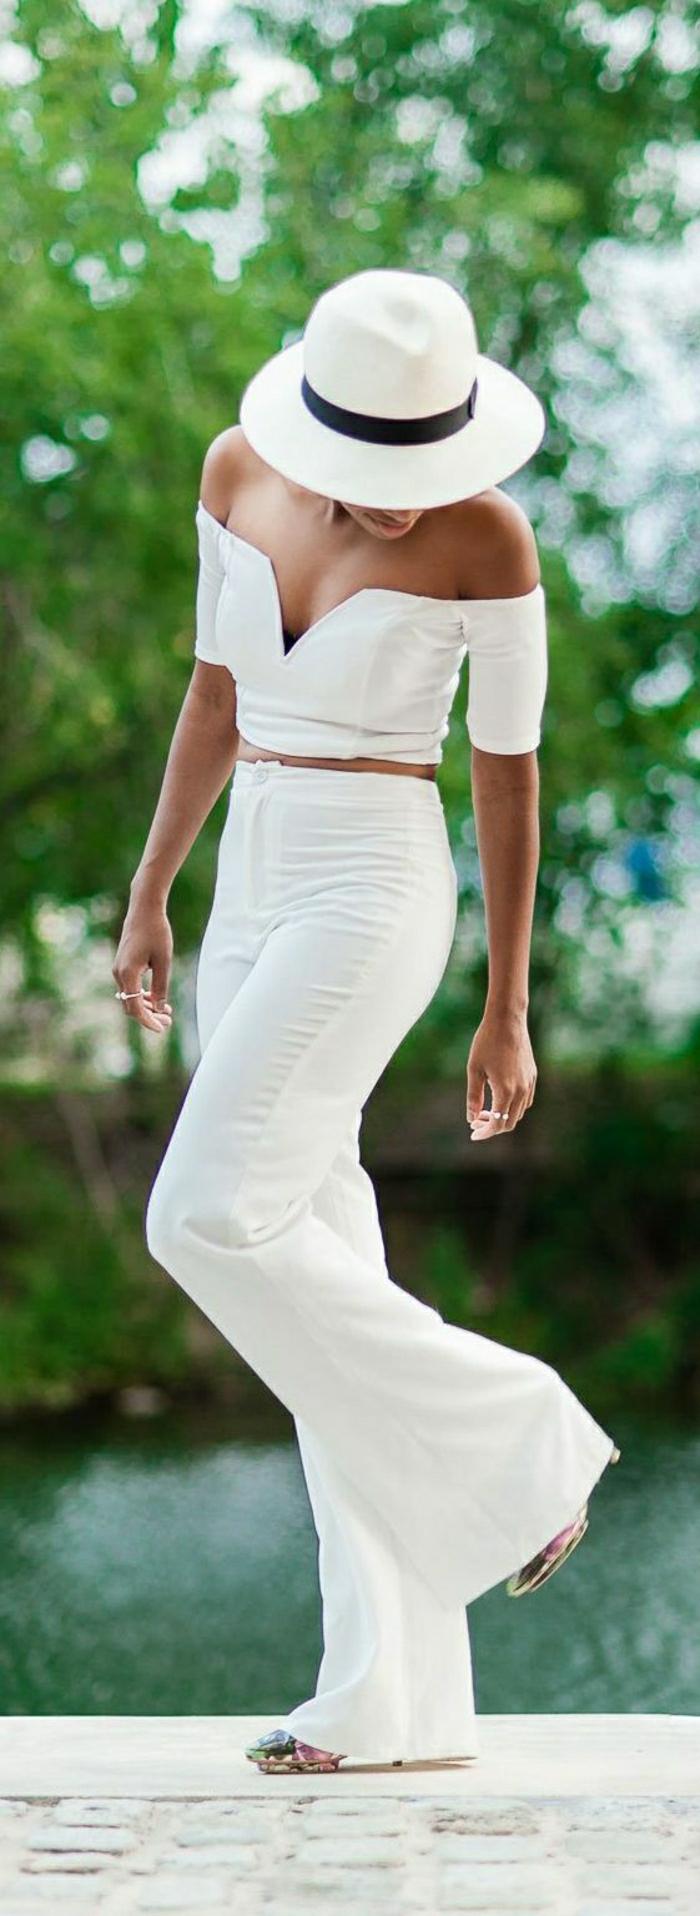 Sommerkleider-zwei-Teile-Hosen-Top-Hut-weiß